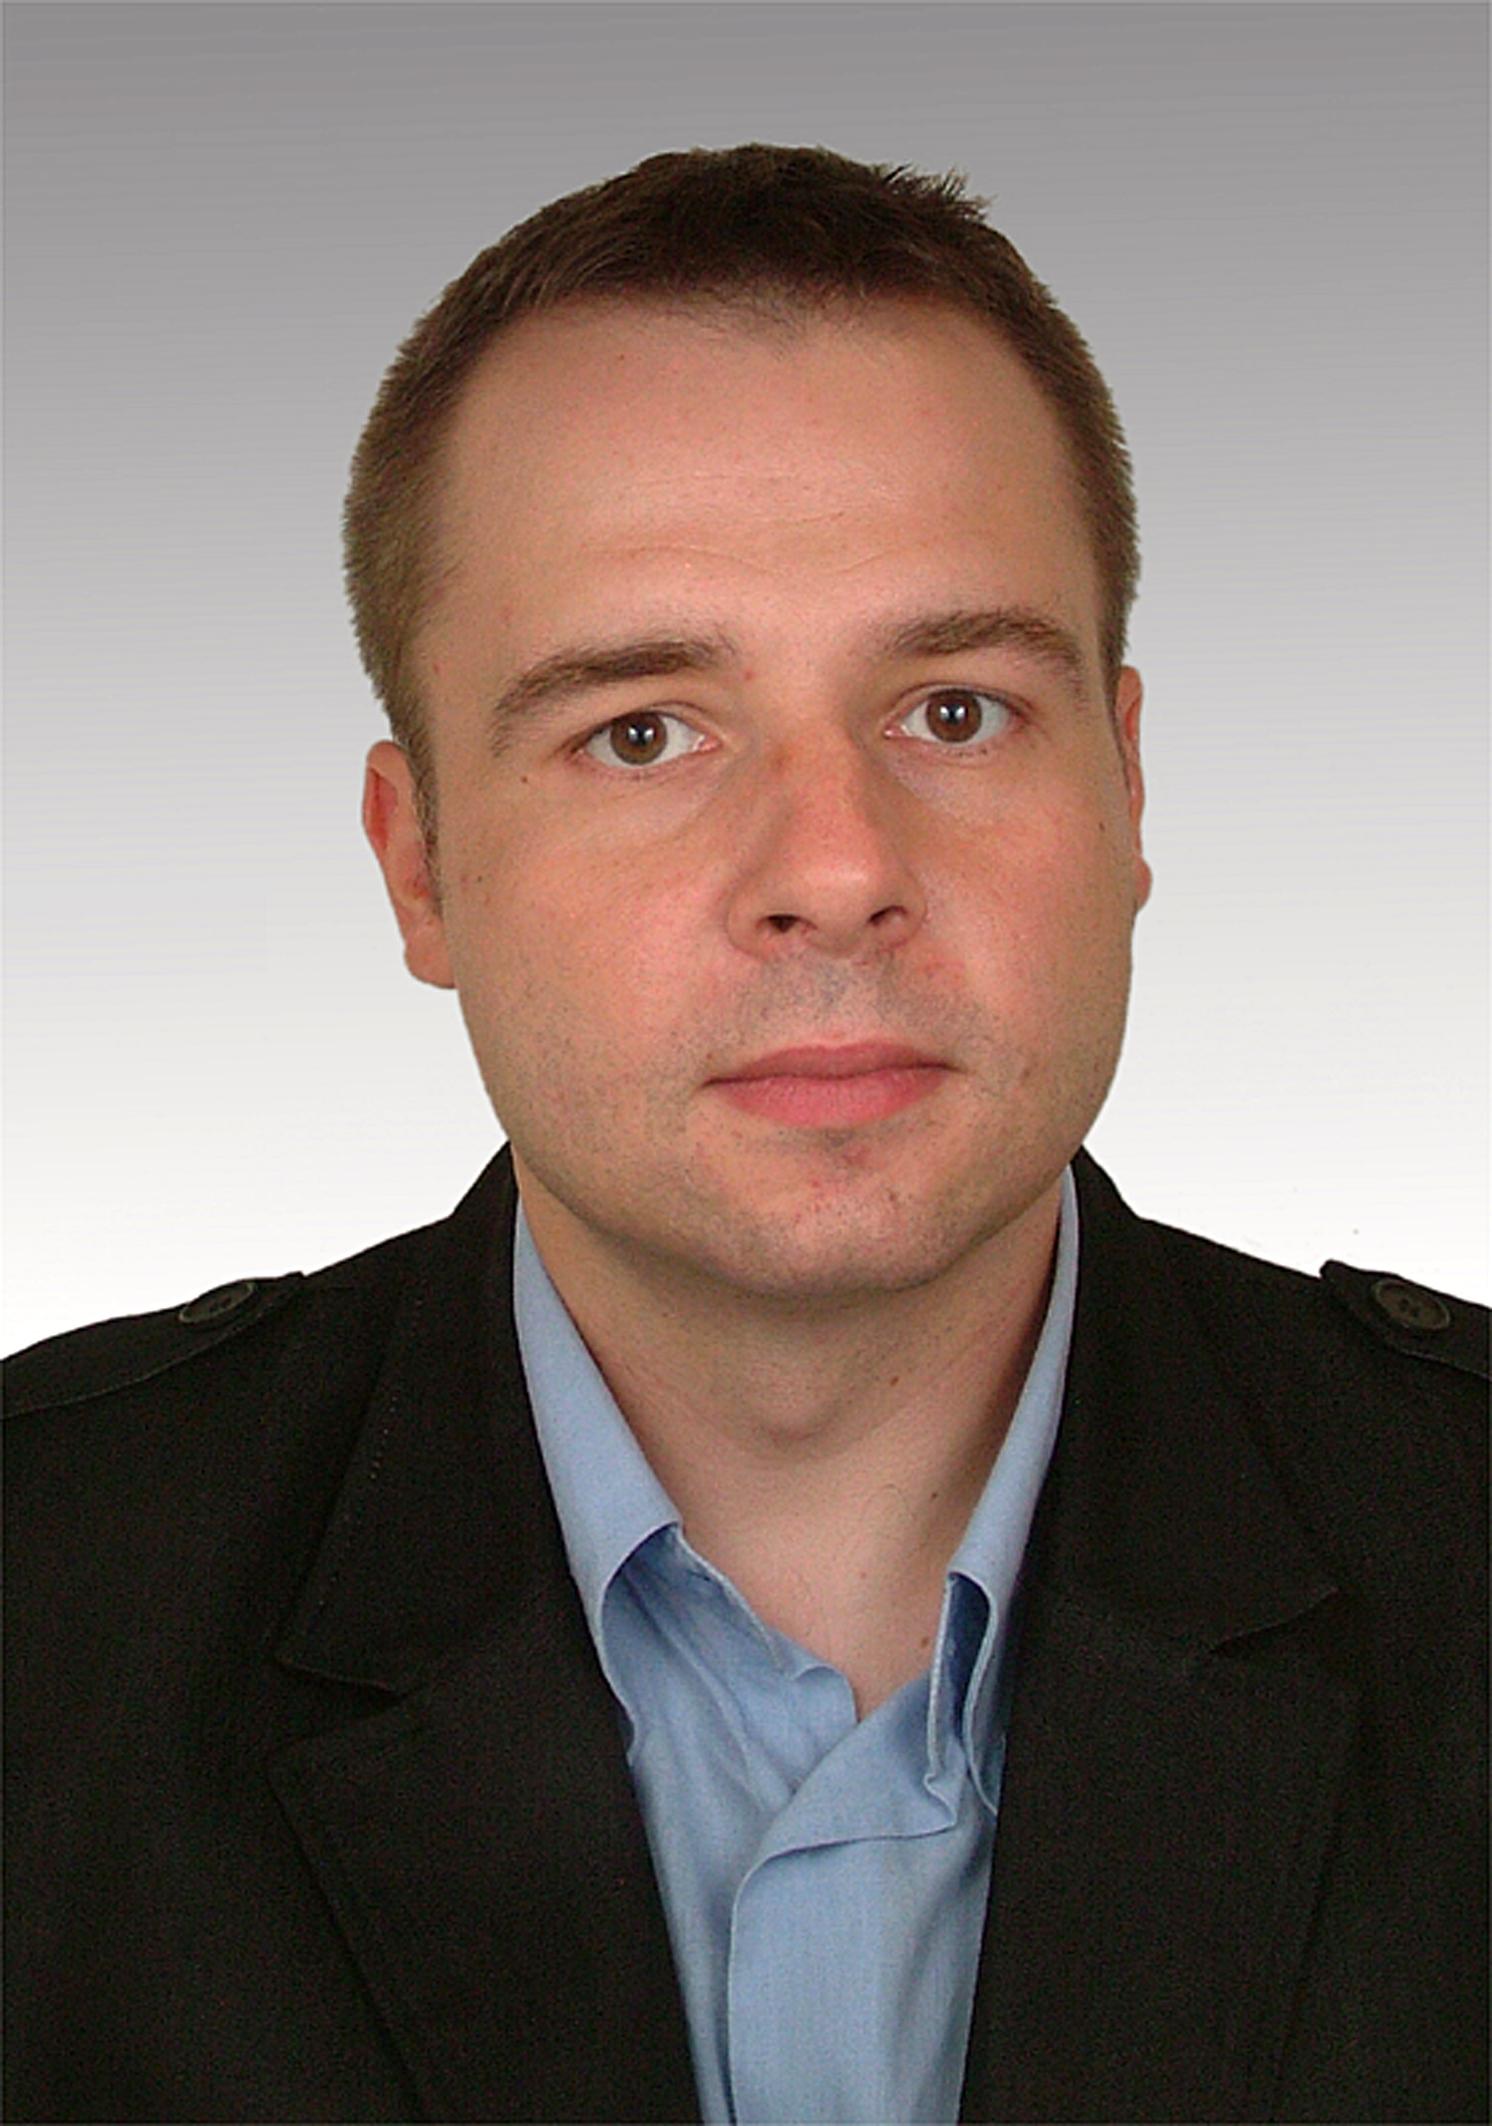 Pawel Zal